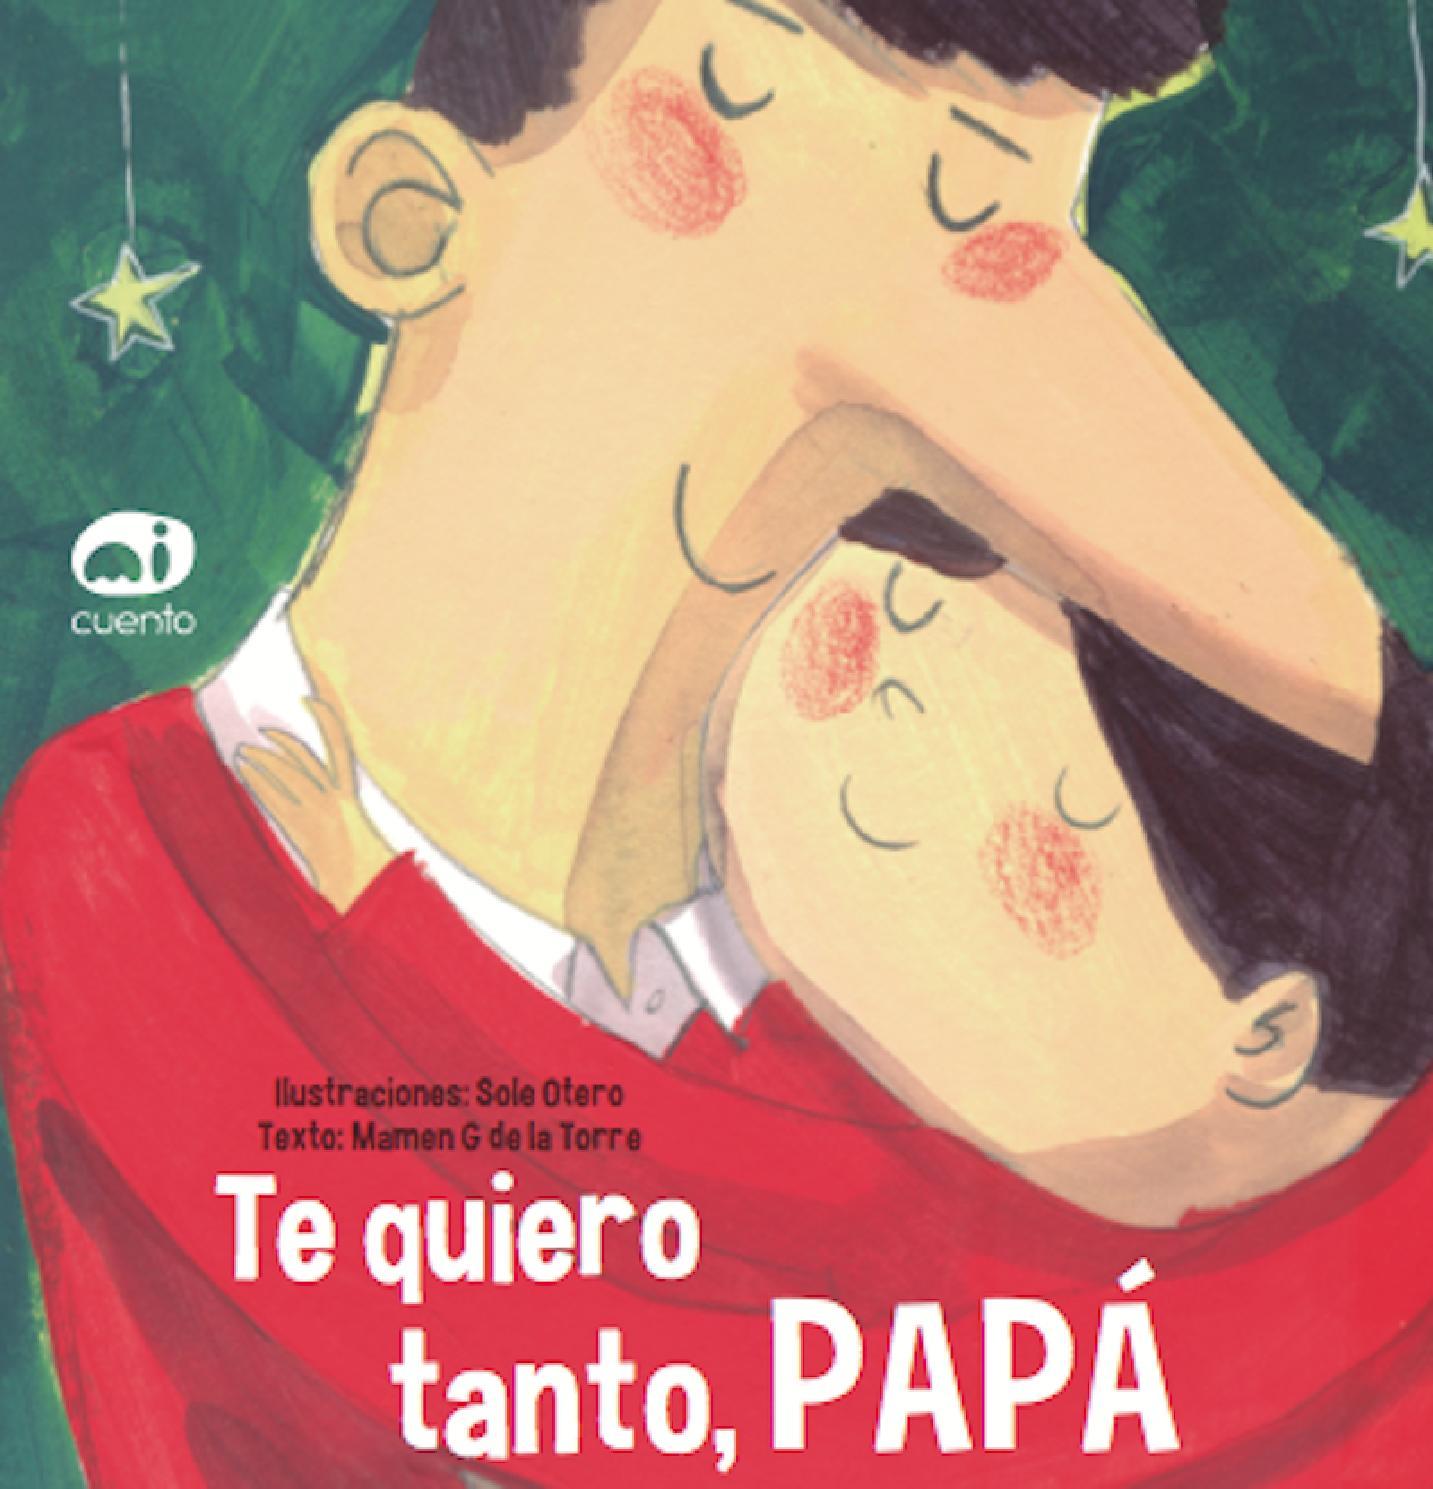 Resultado de imagen de Te quiero tanto papá